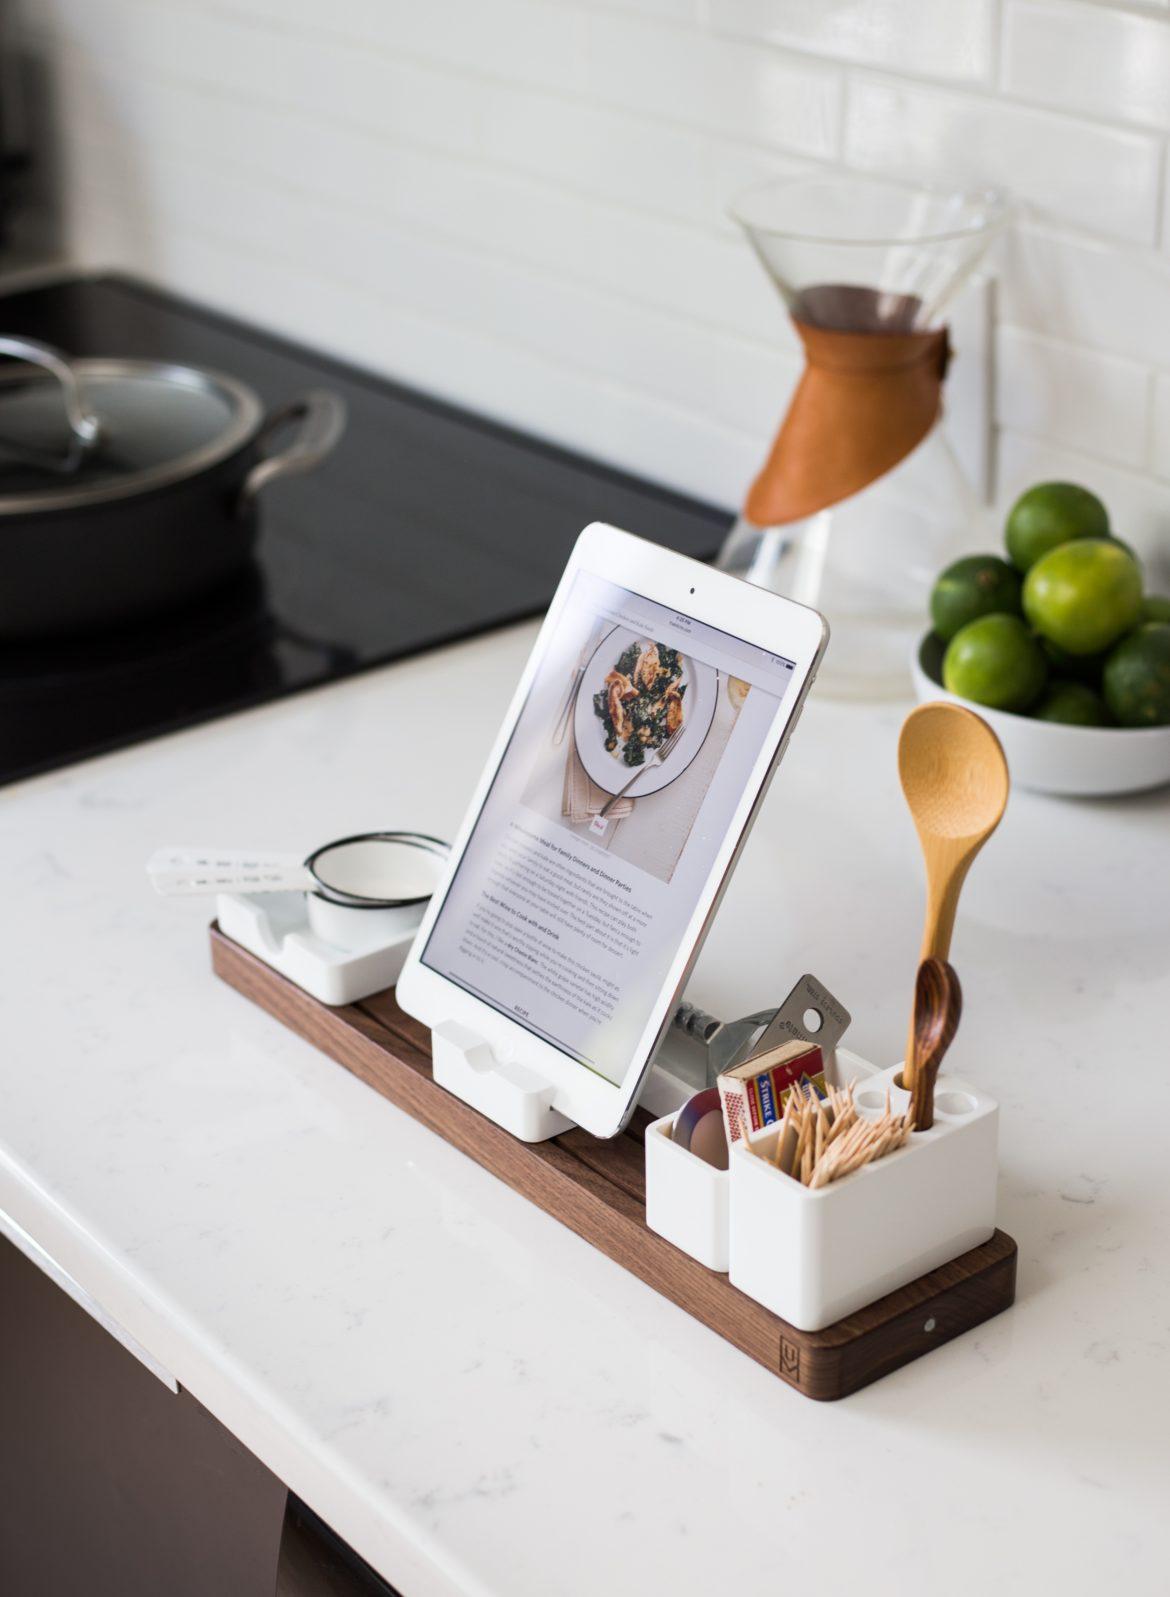 Accessori per la cucina curiosi per fare dei regali originali | Col ...